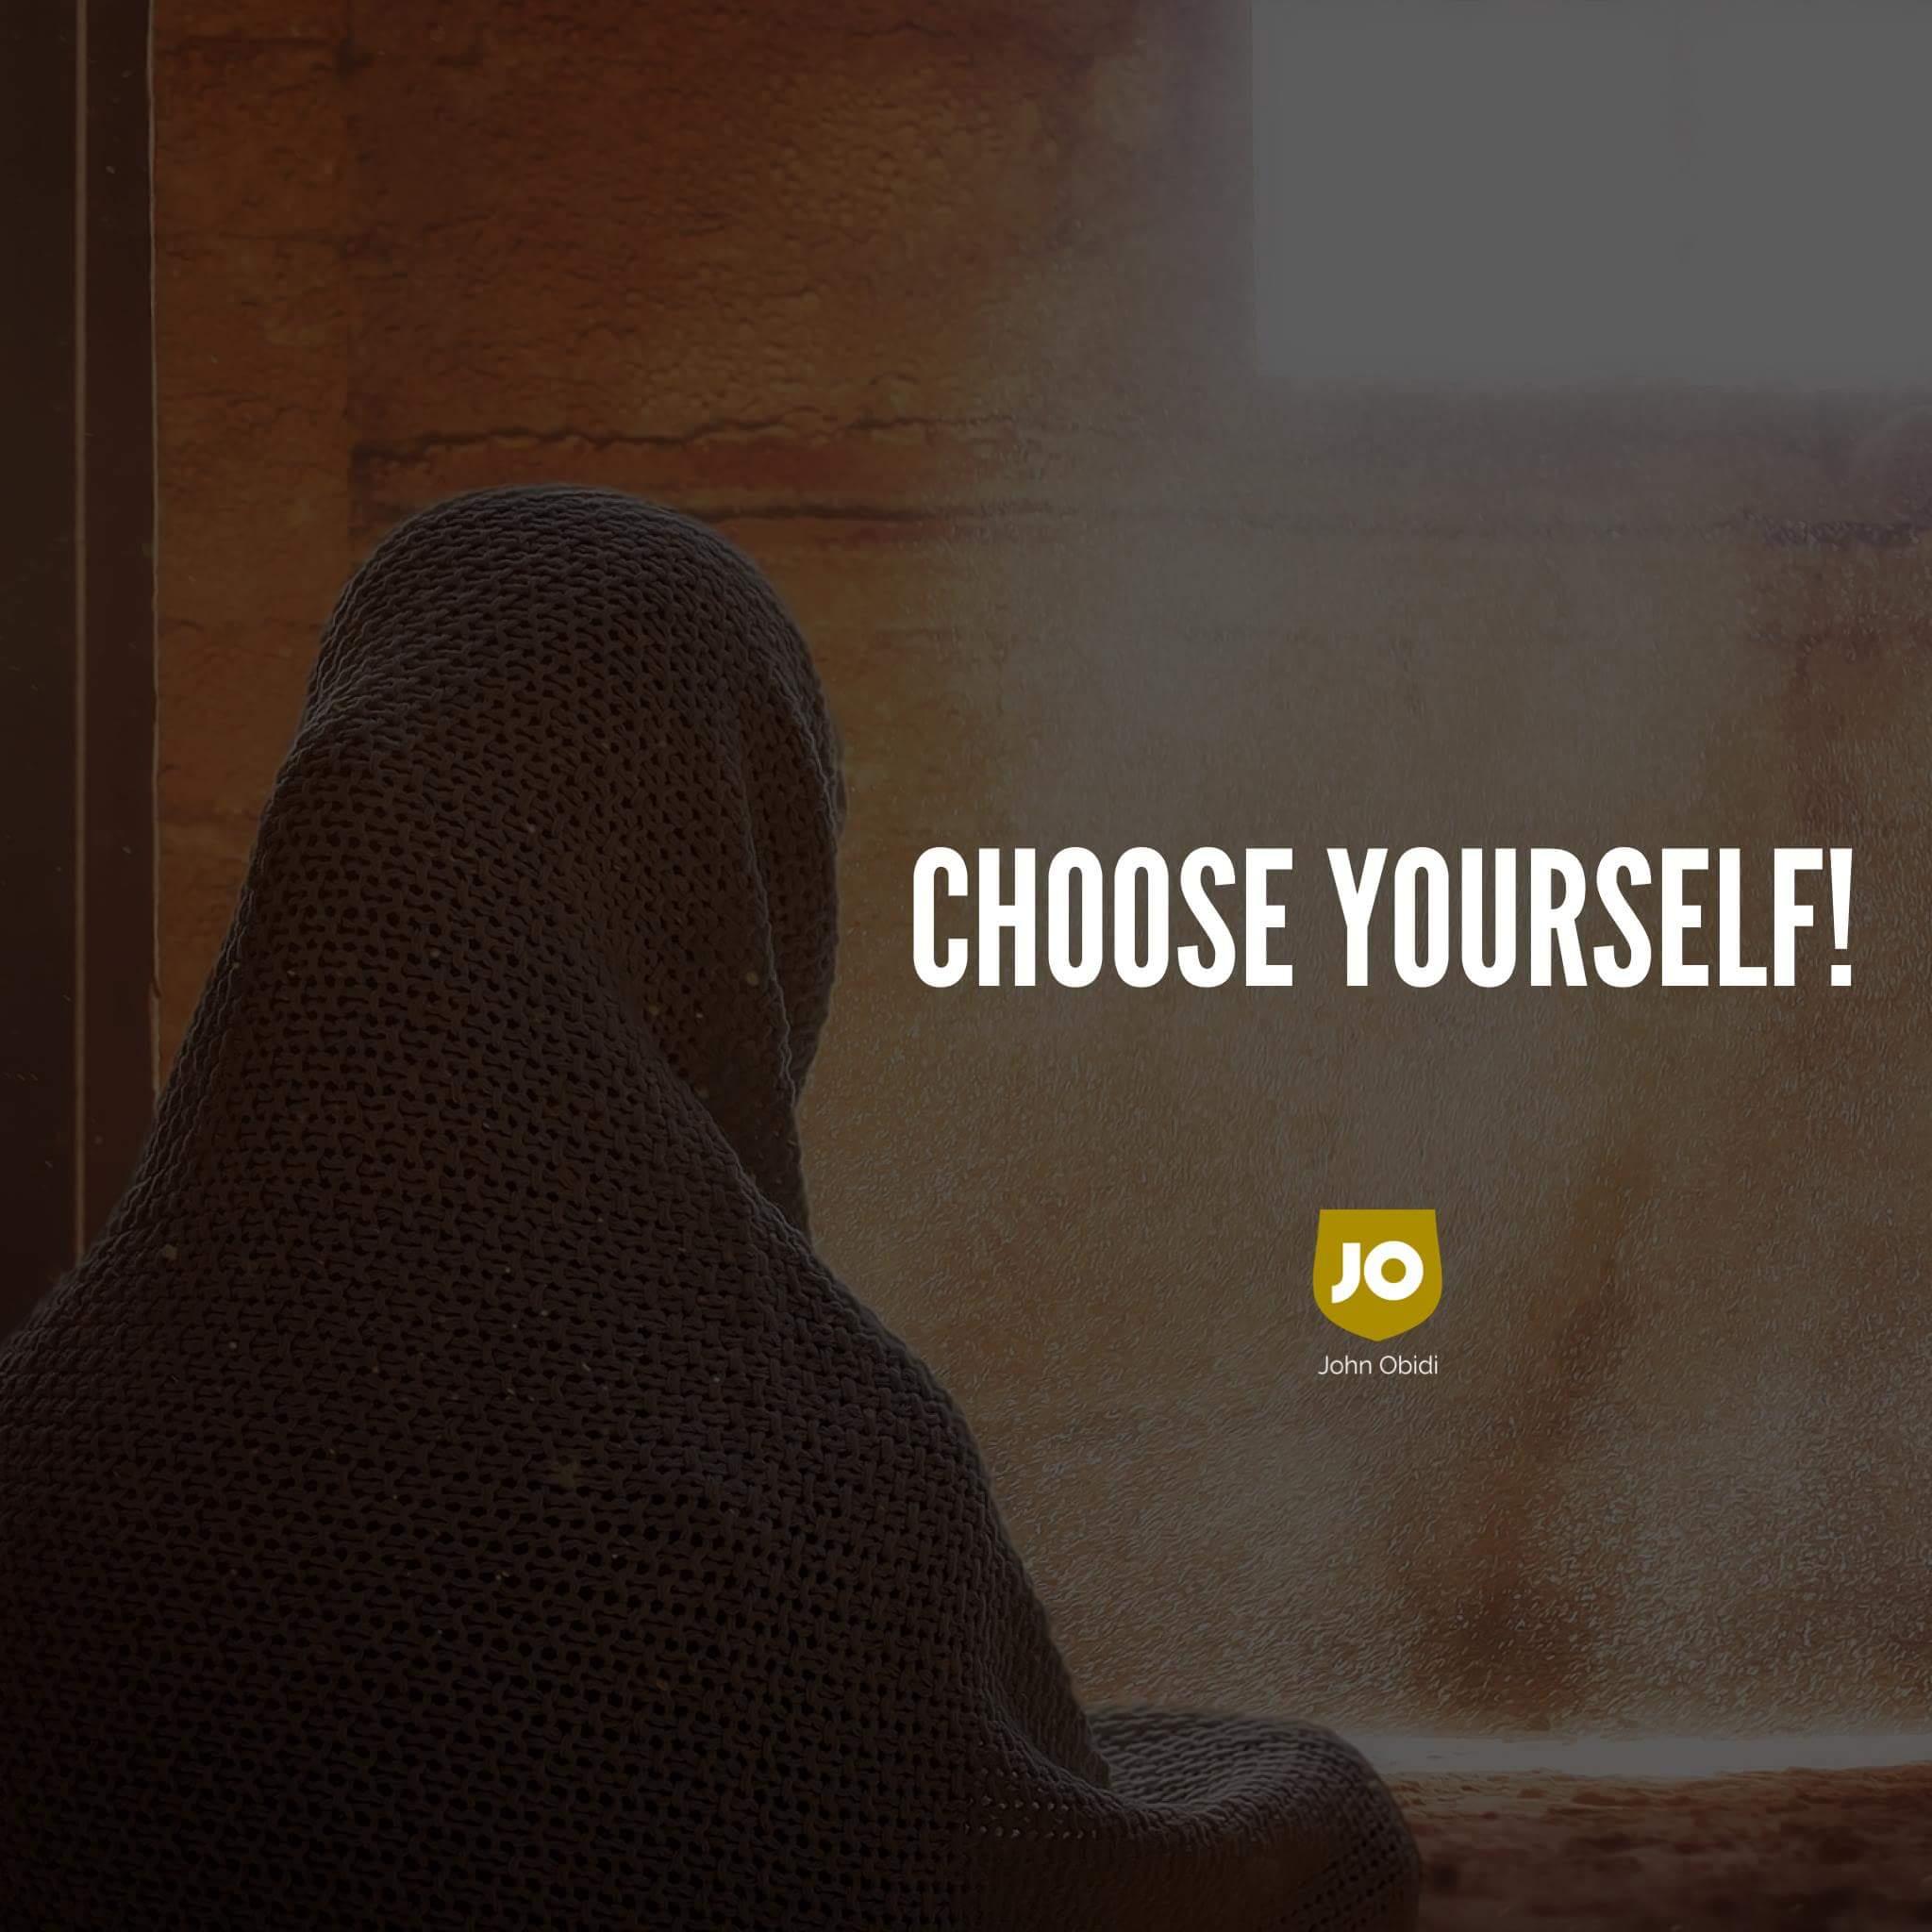 JOHN OBIDI : CHOOSE YOURSELF